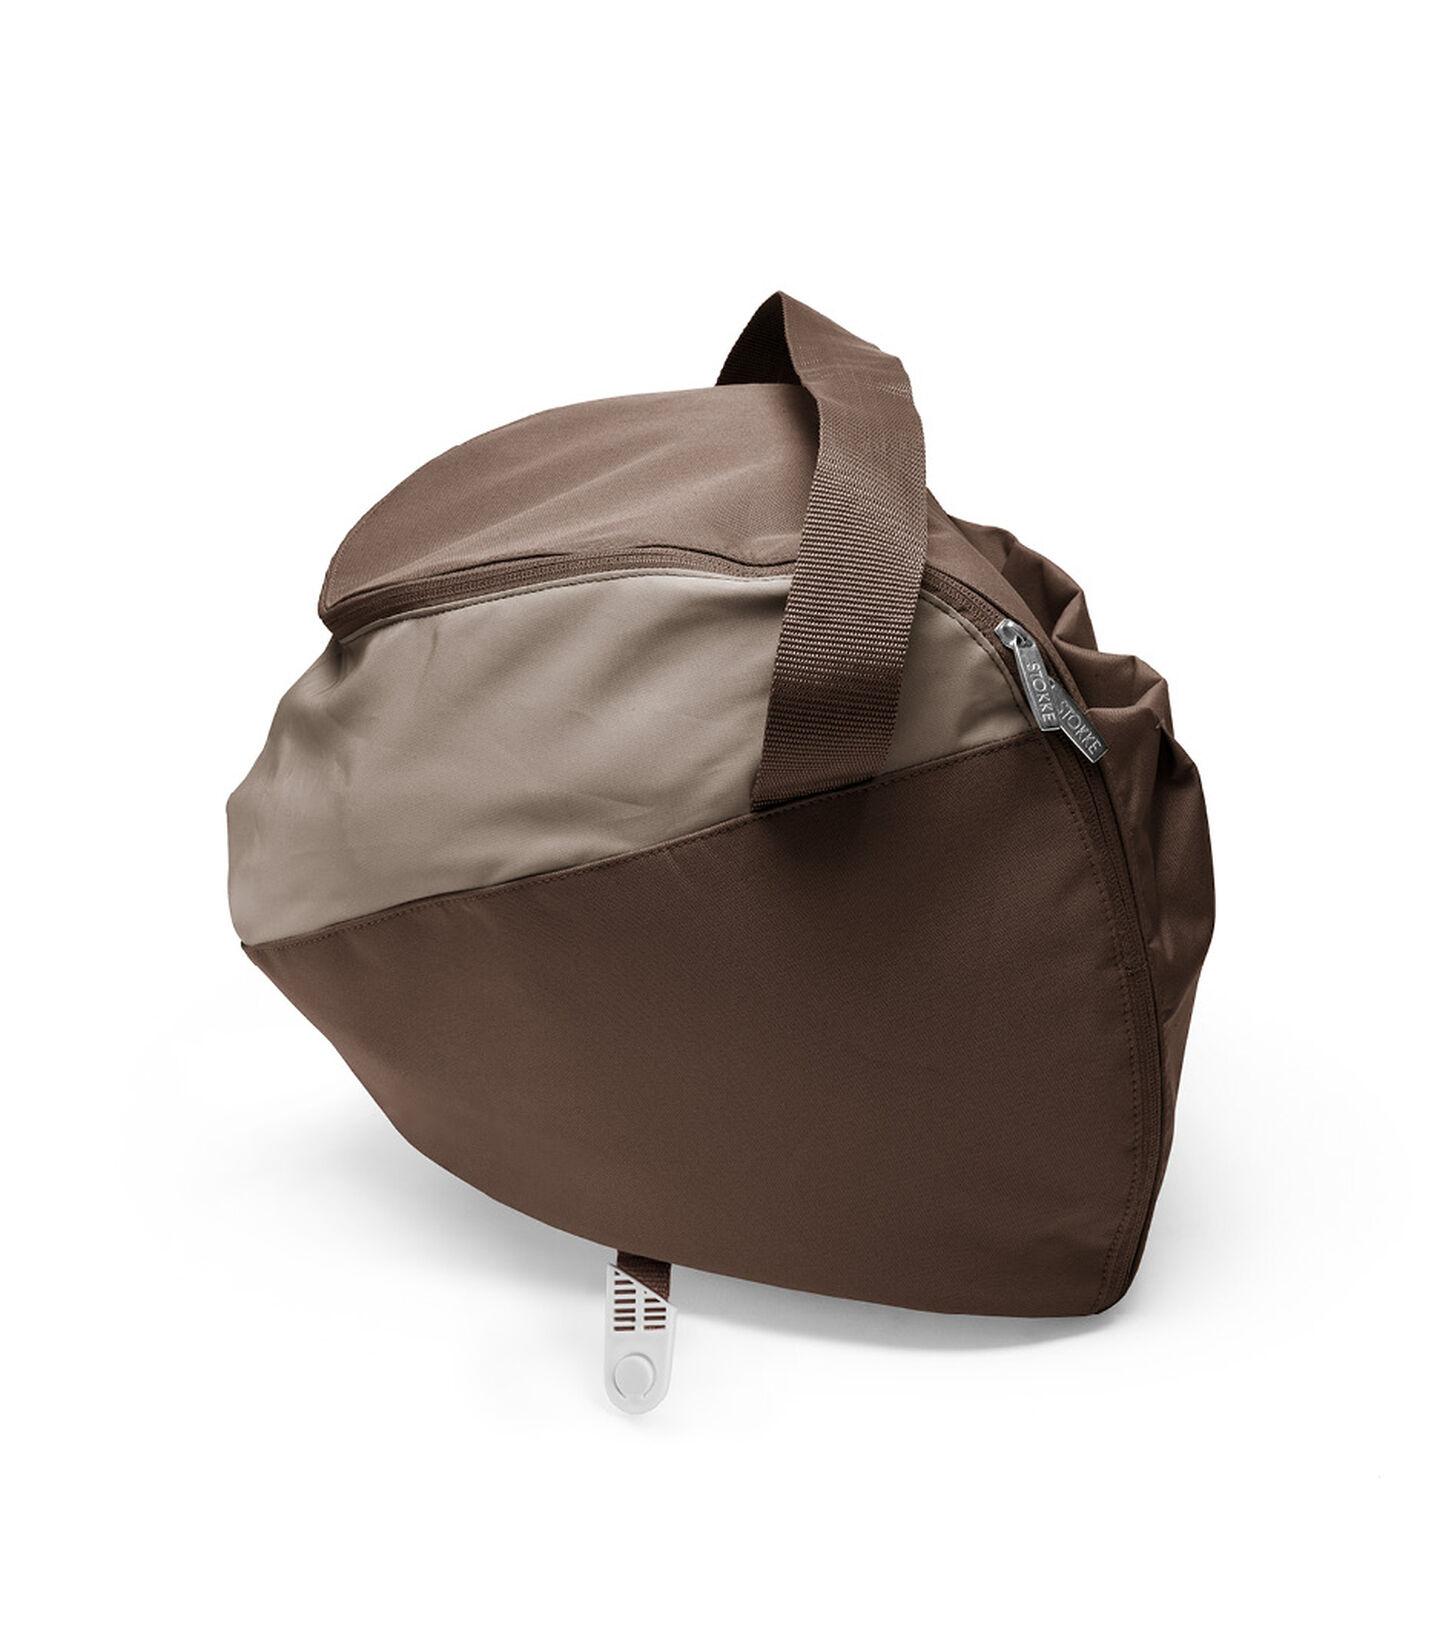 Stokke® Xplory® Handleveske Brown, Brown, mainview view 2